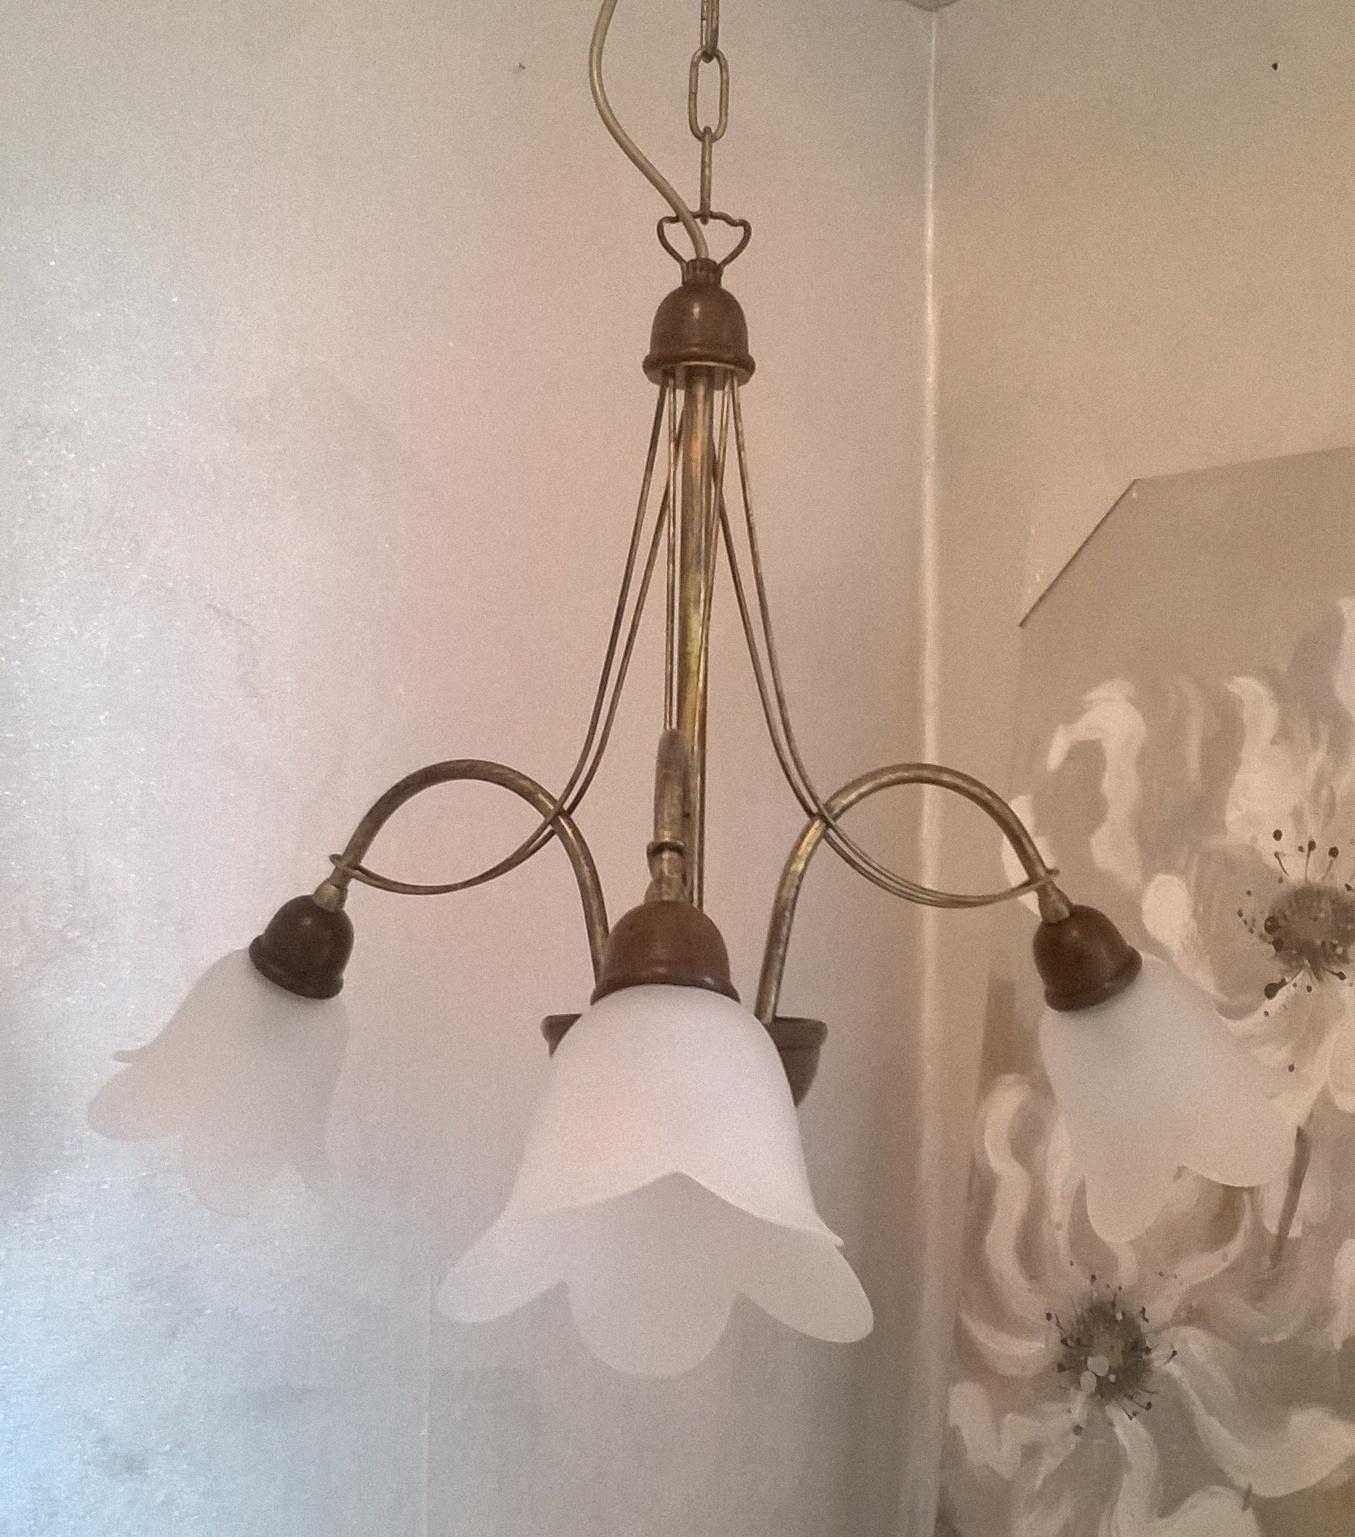 Lampadari classici Idea Luce di Filippi - Carrù(Cuneo)